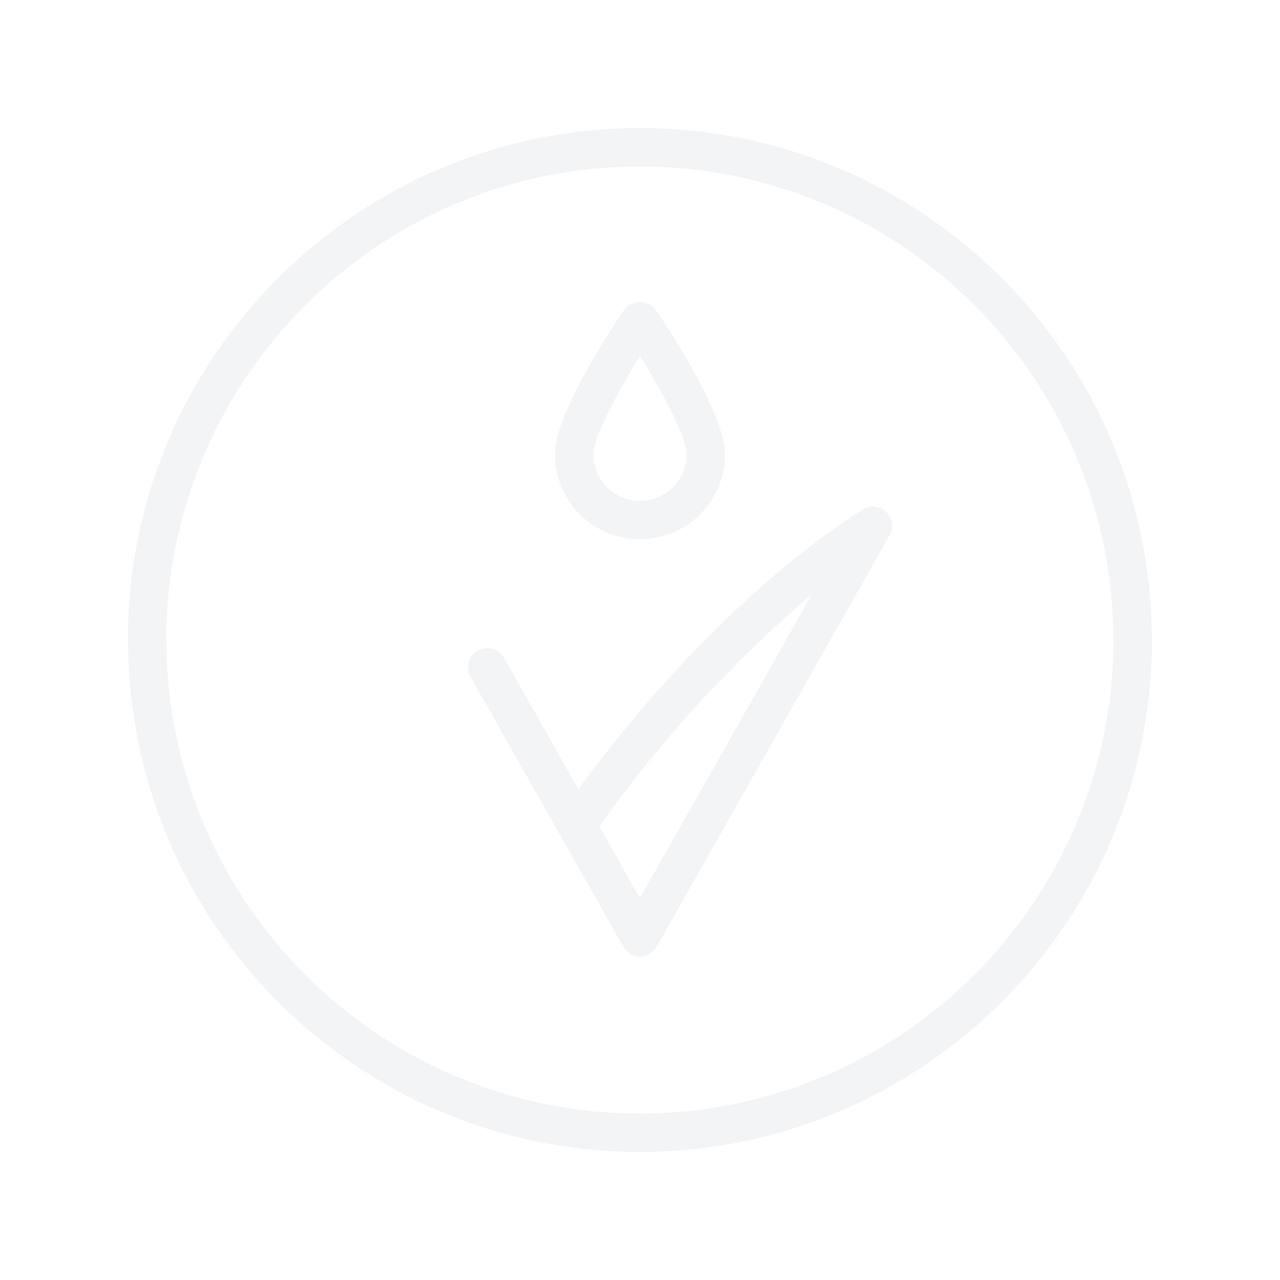 JUVENA Skin Rejuvenate Delining Tinted Fluid SPF10 Natural Bronze 50ml